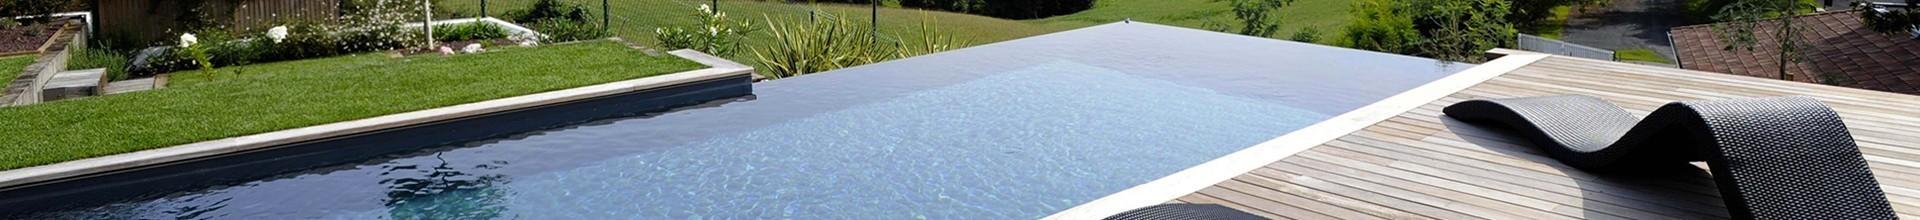 Cher Val de Loire construire une piscine révolutionnaire et innovante